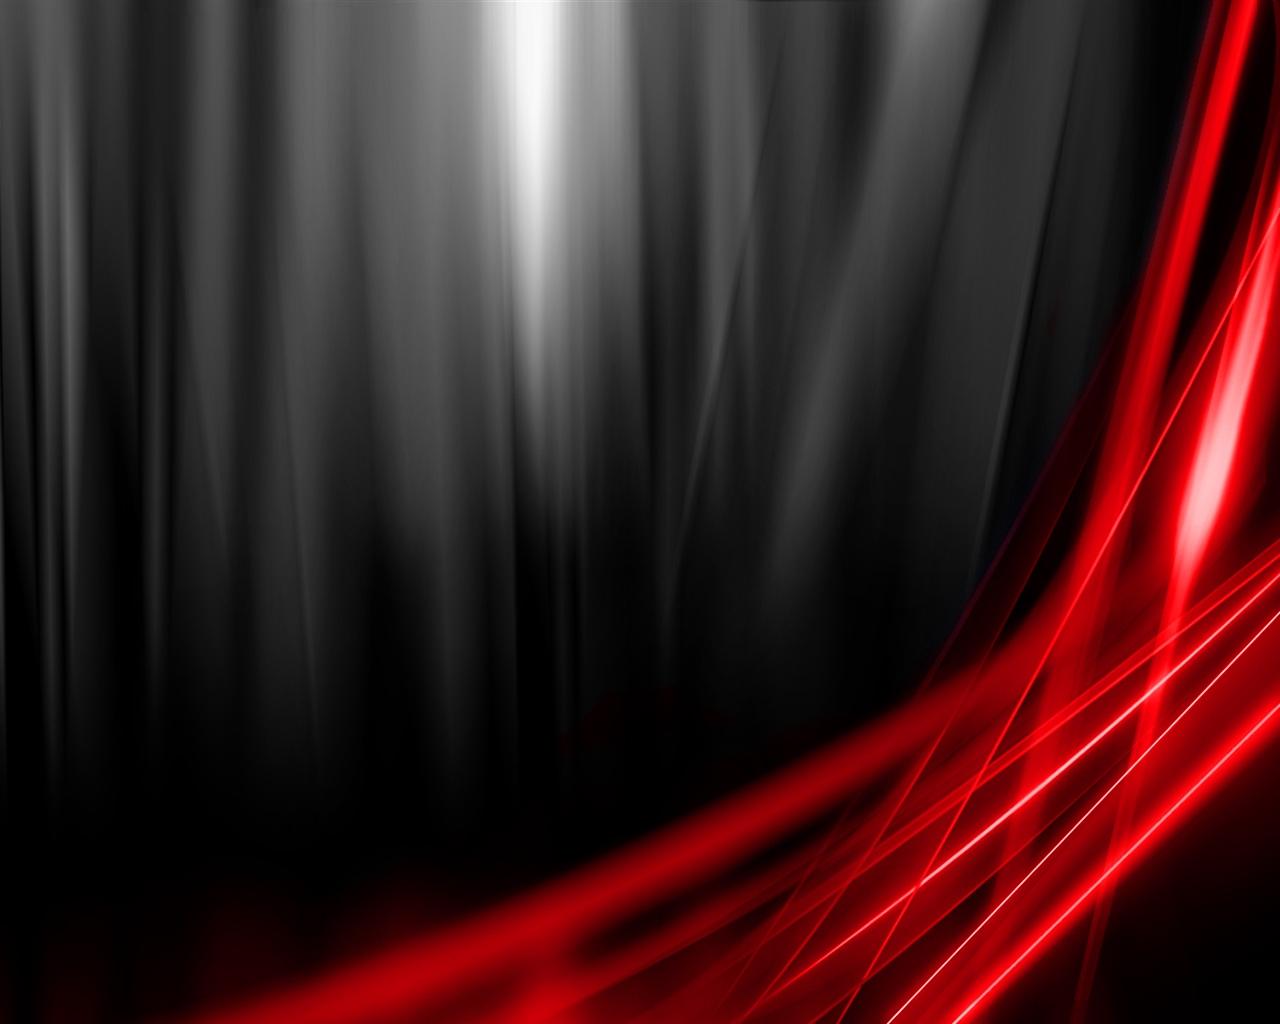 ws_Black__Red_Vista_1280x1024